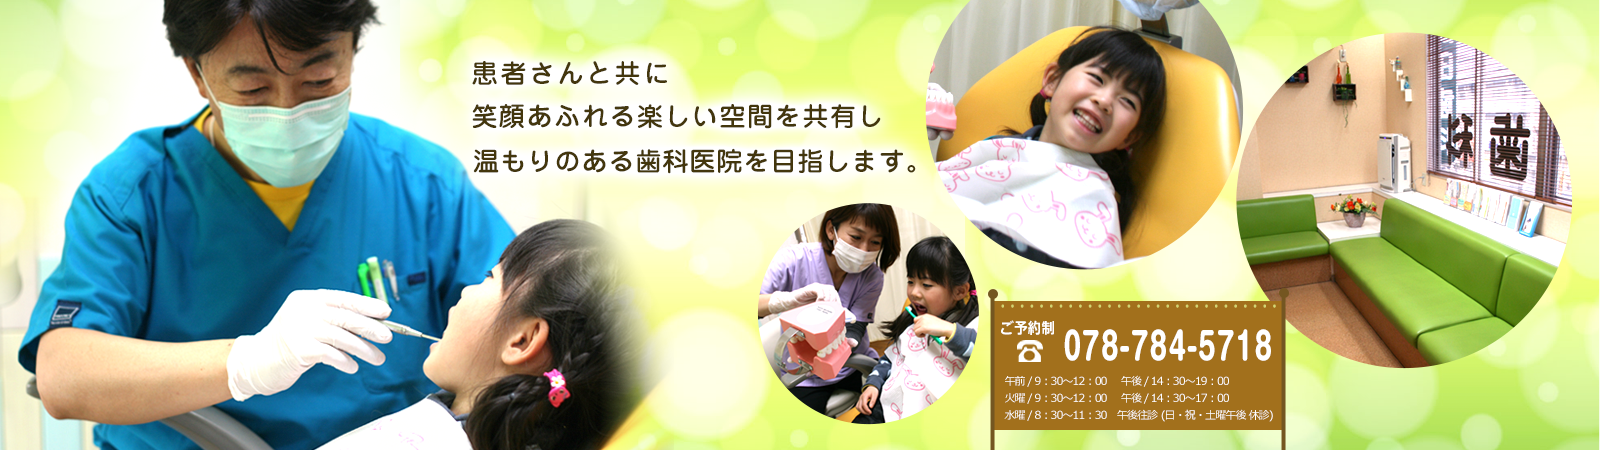 患者さんと共に笑顔あふれる楽しい空間を共有し温もりのある歯科医院を目指します。